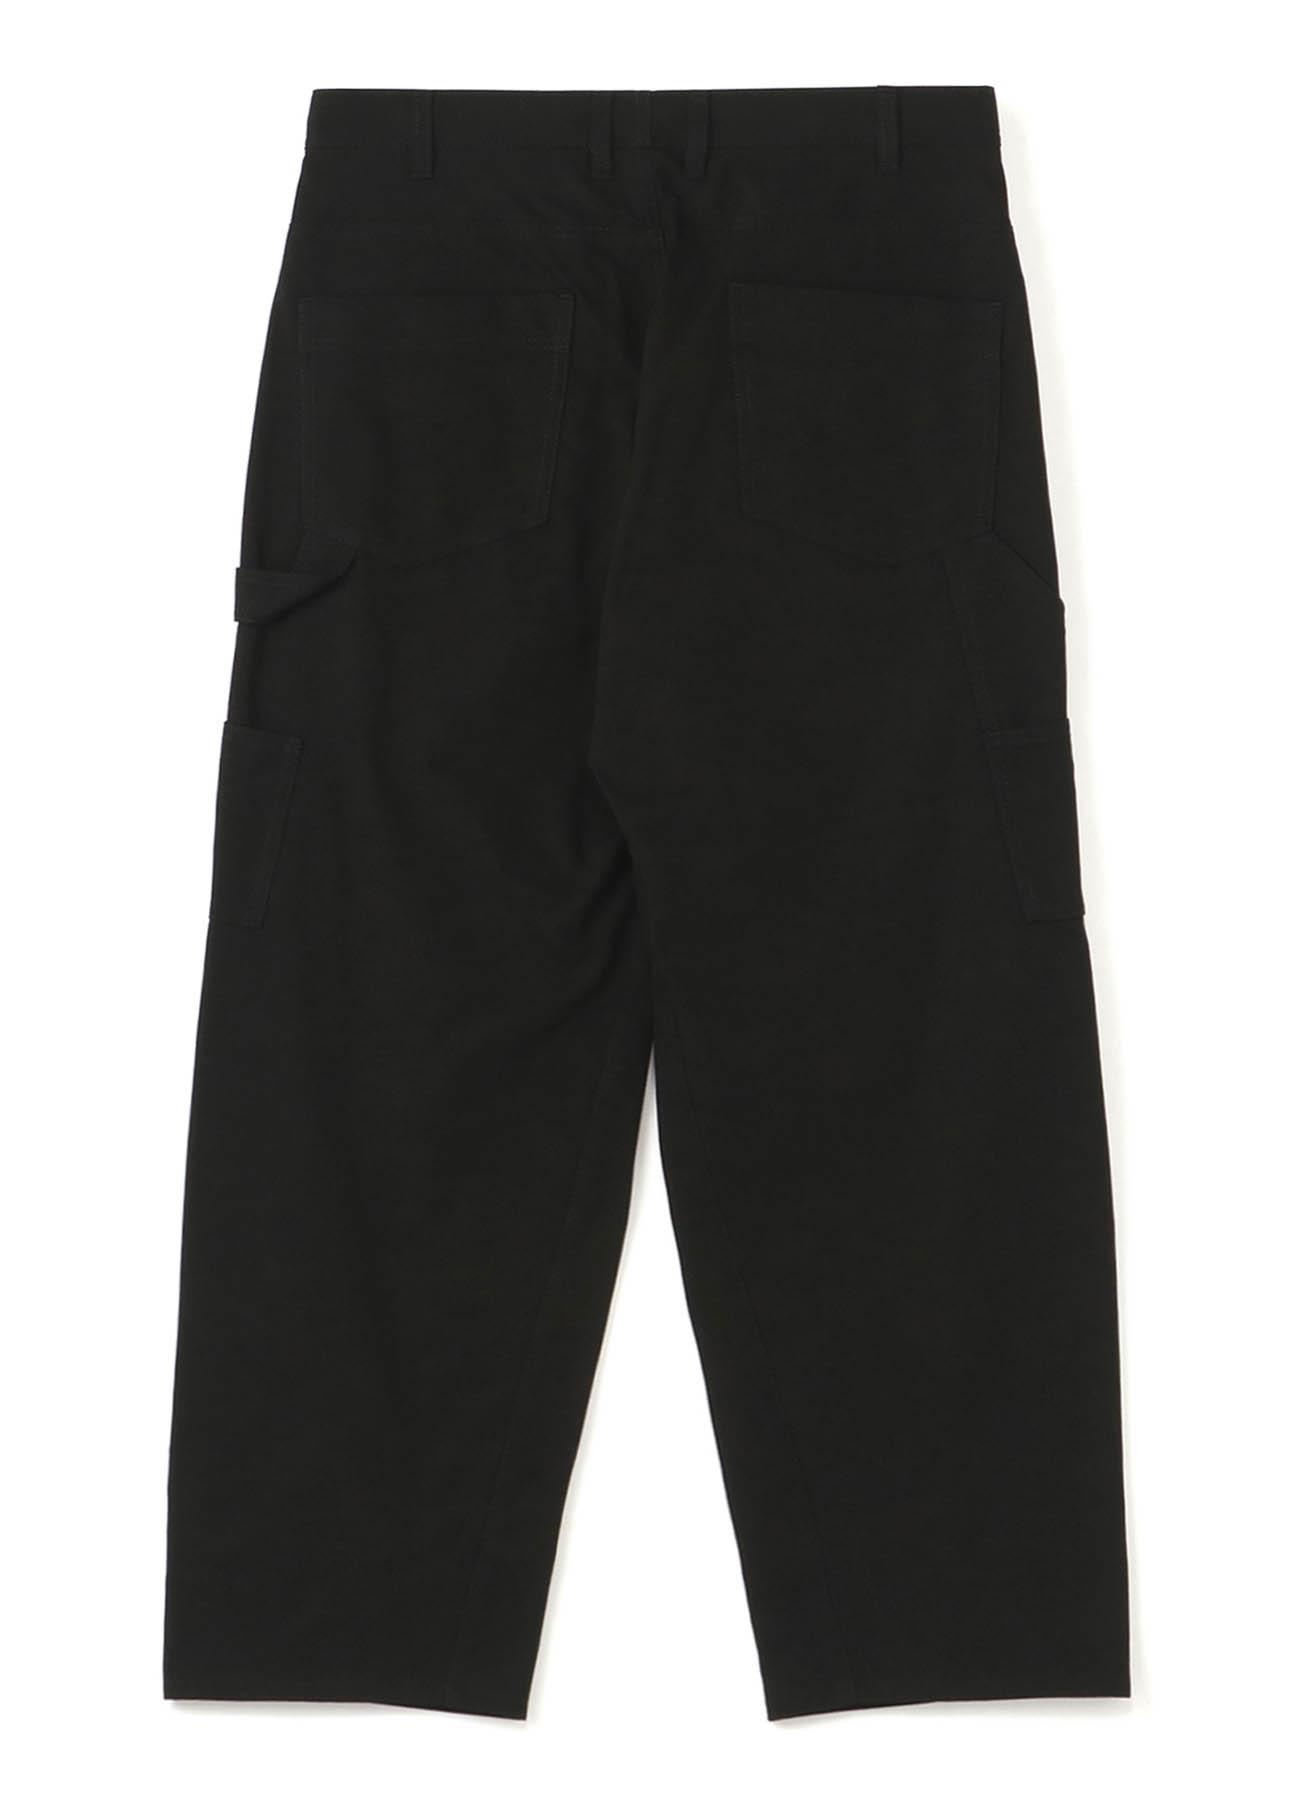 79A Cotton Canvas Slim Painter Pants